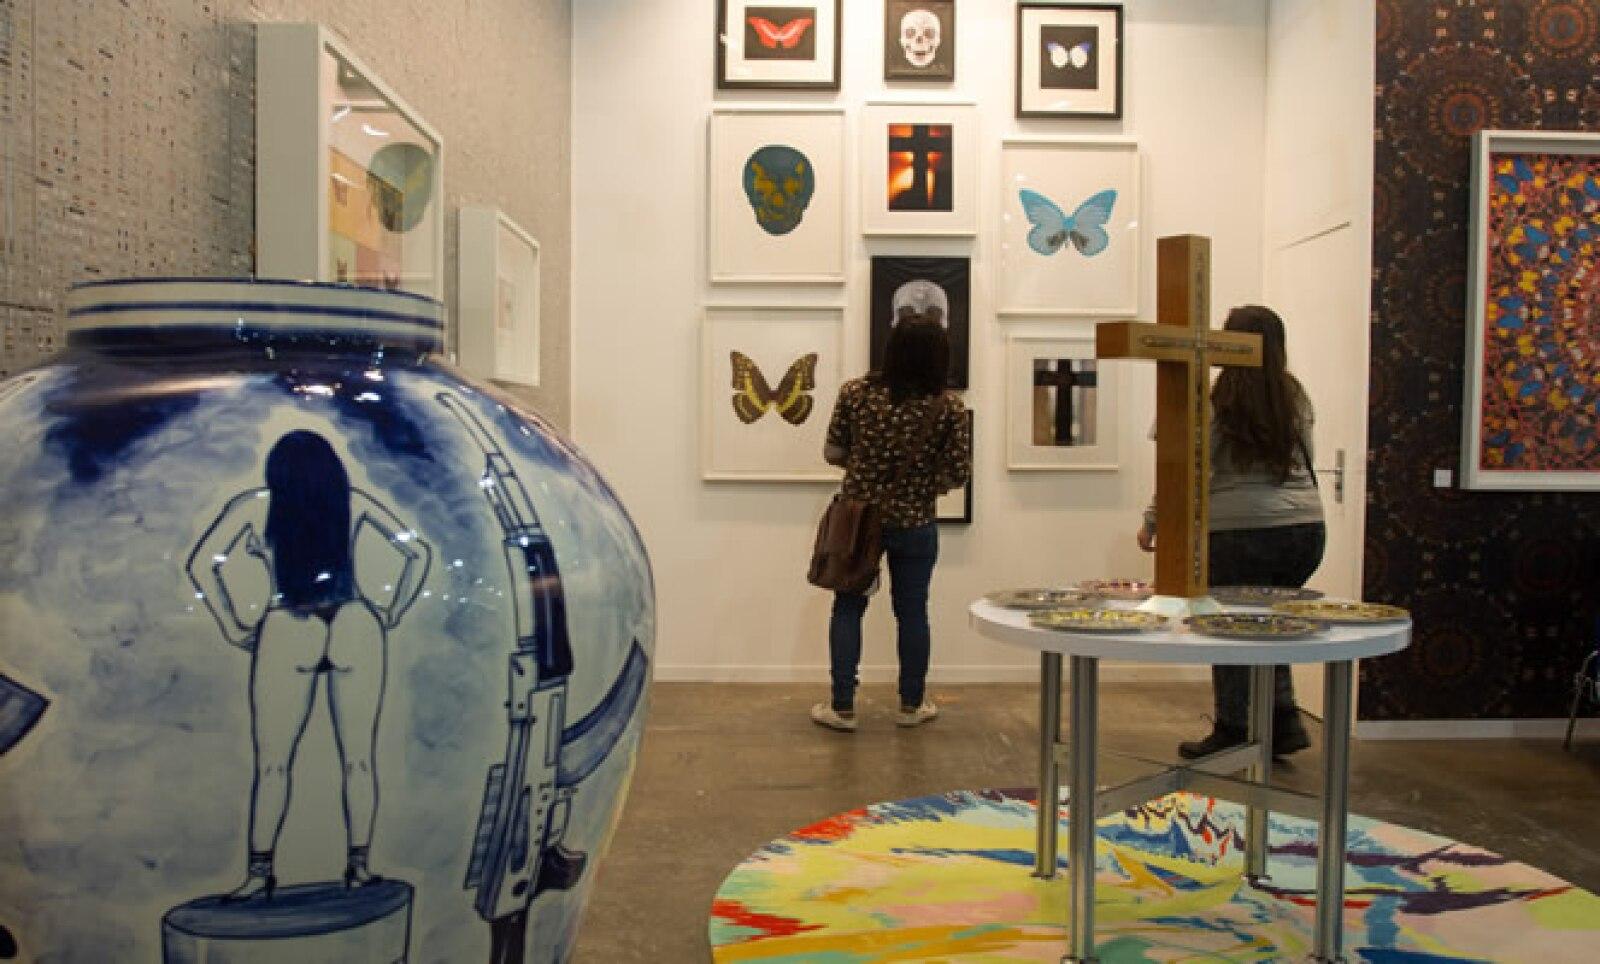 La muestra está dividida en nuevas propuestas, general, zona sur, arte moderno y diseño.